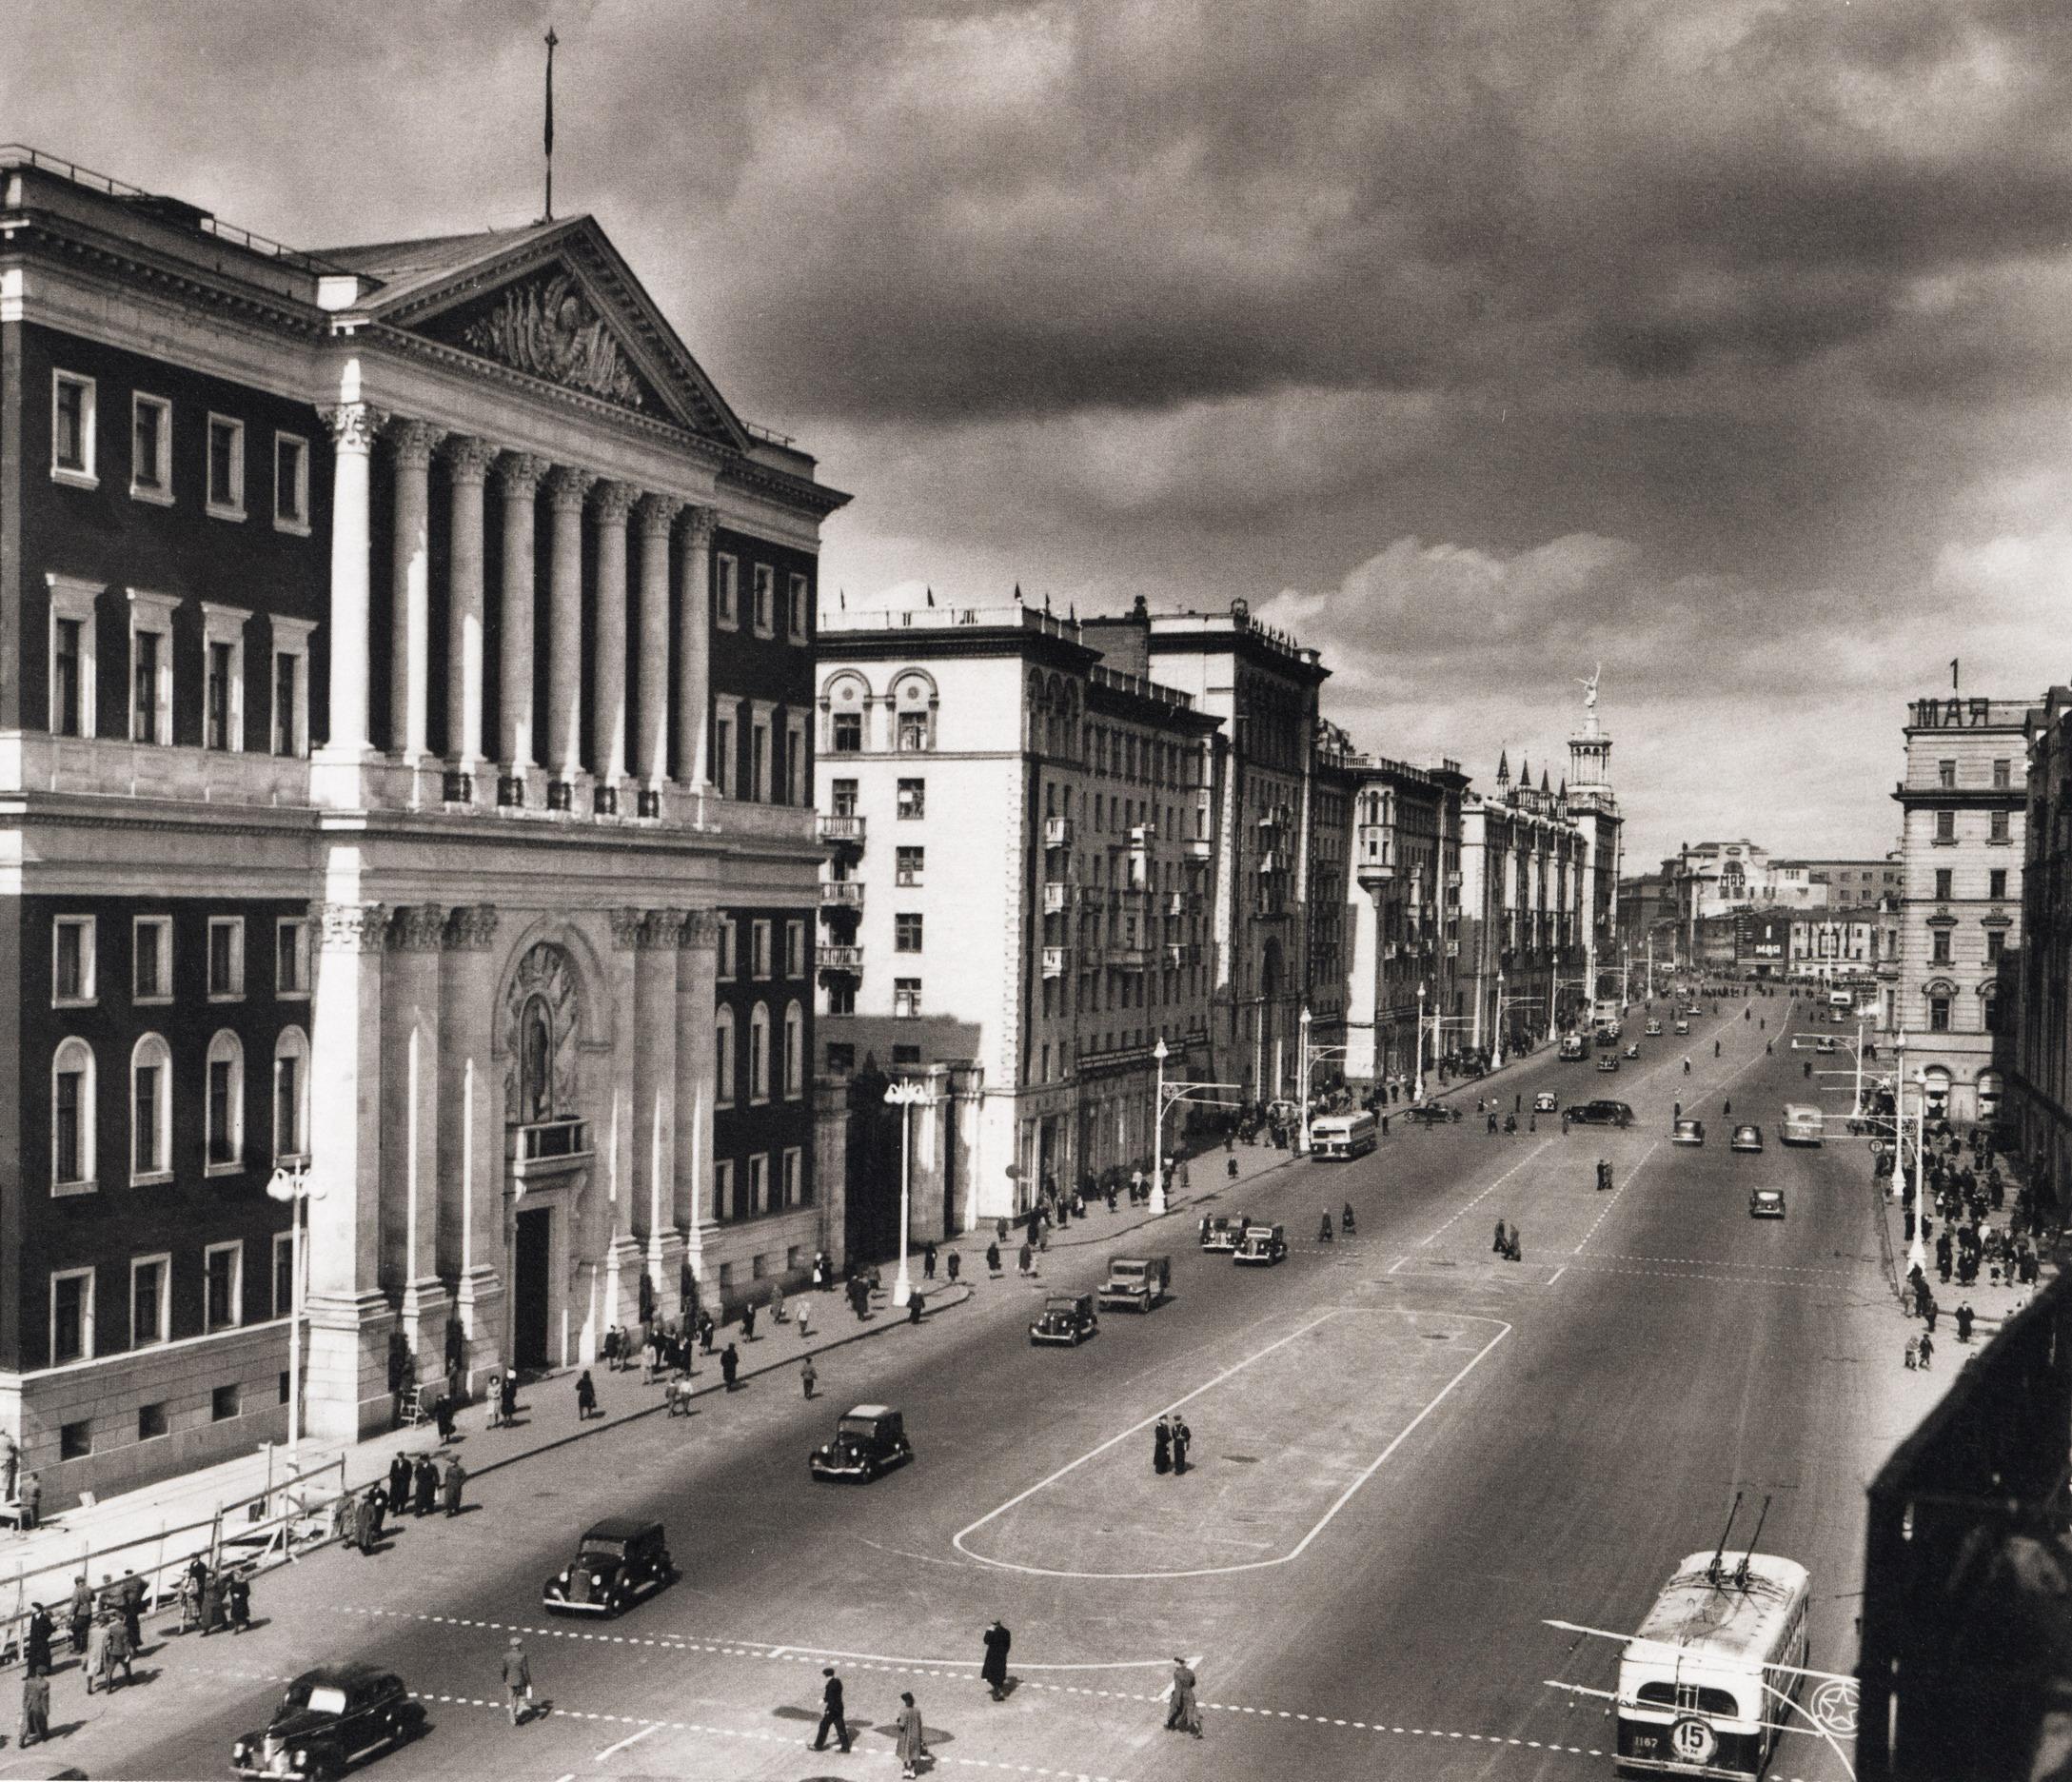 фото улицы исторической москвы миндалине проявляется дискомфортом